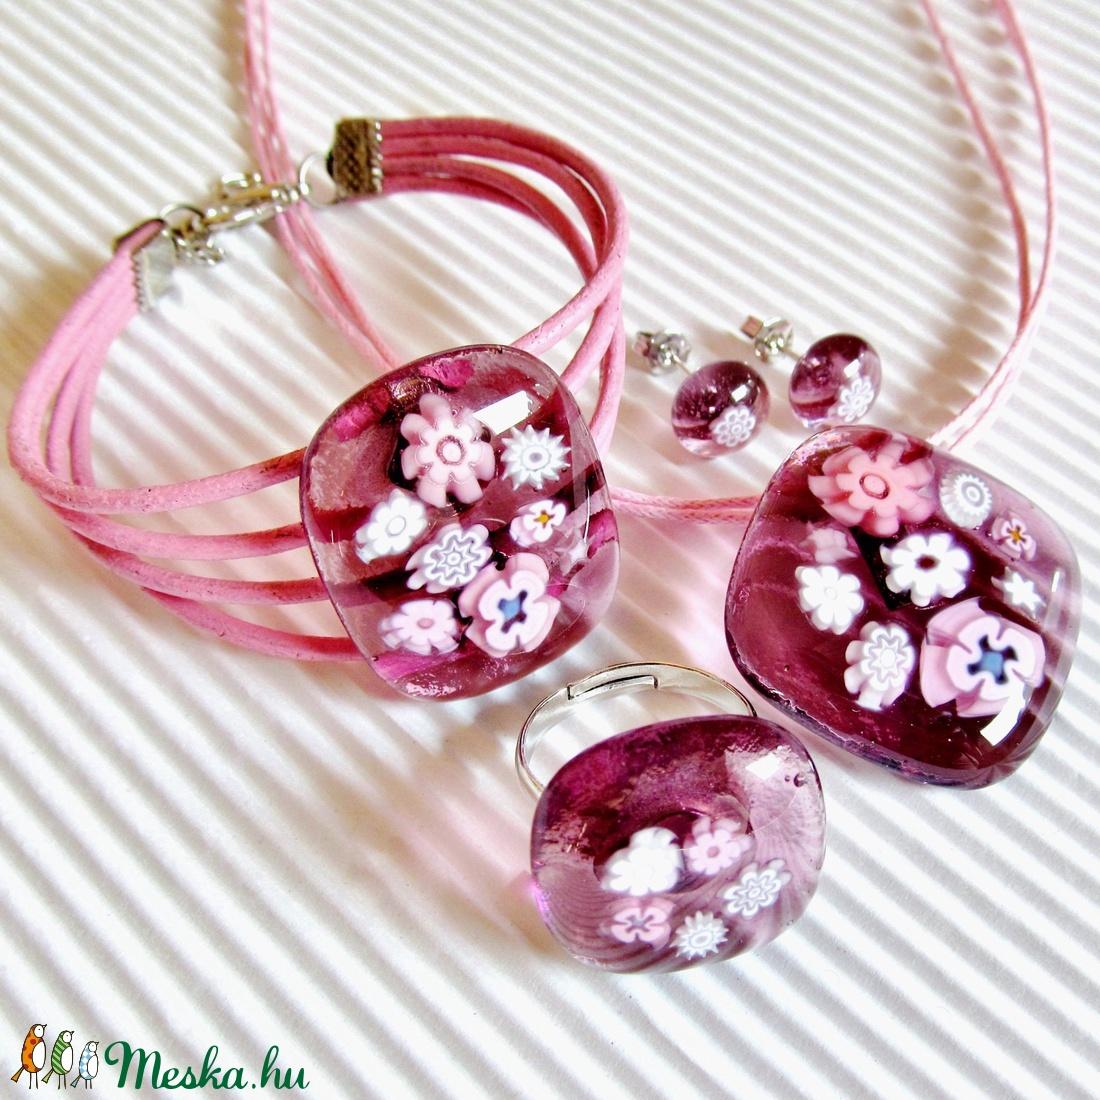 Csipkerózsika üveg medál, üveg-bőr karkötő és virágos fülbevaló, NEMESACÉL, üvegékszer szett - ékszer - ékszerszett - Meska.hu